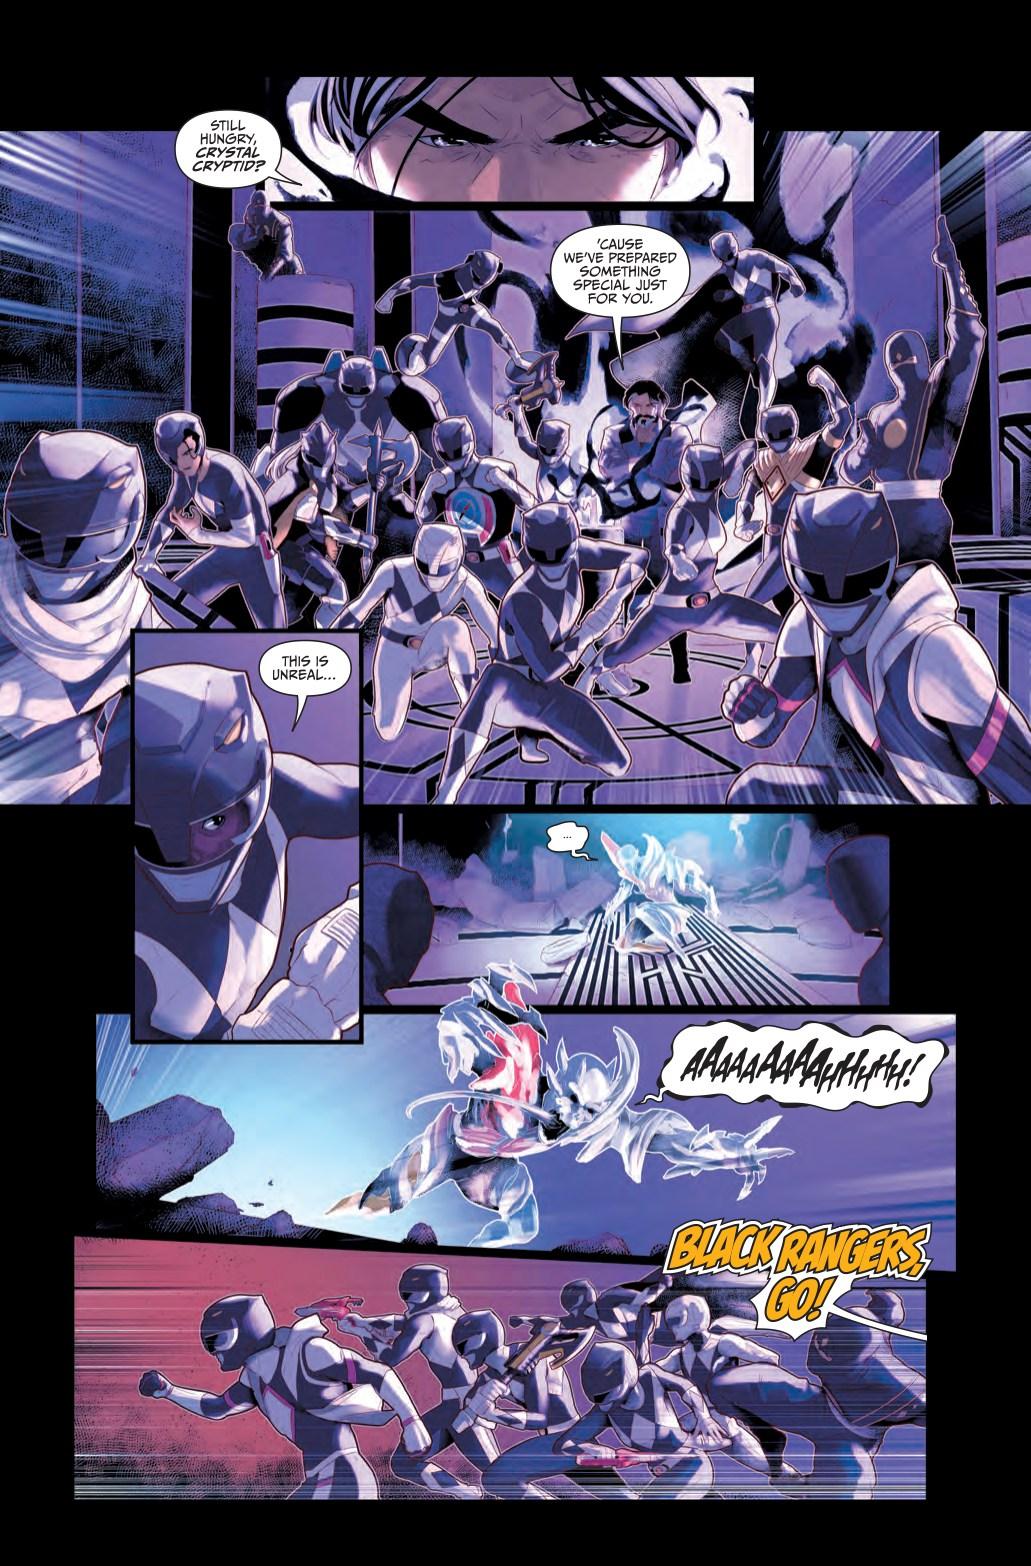 Power Rangers Adult Fan Fiction